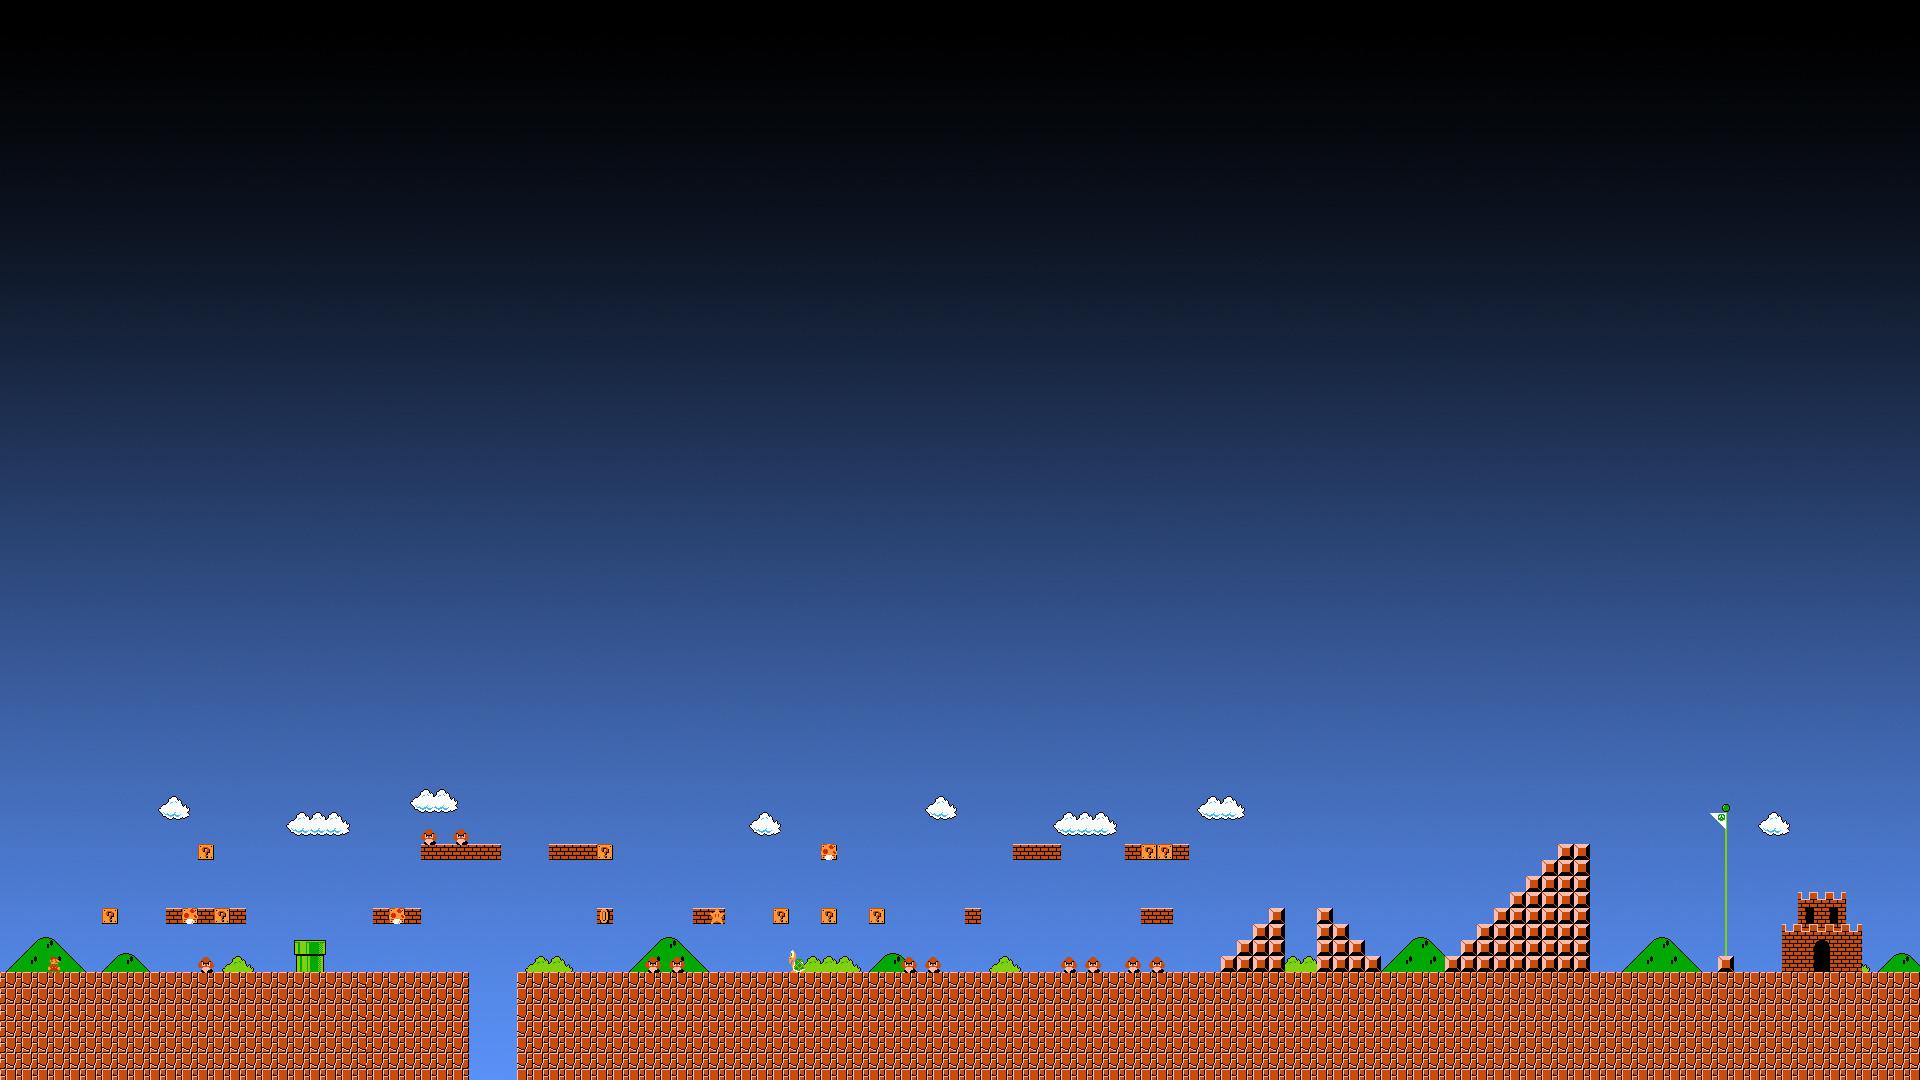 … Super Mario 1-1 Wallpaper – HD 1080p by ColinPlox